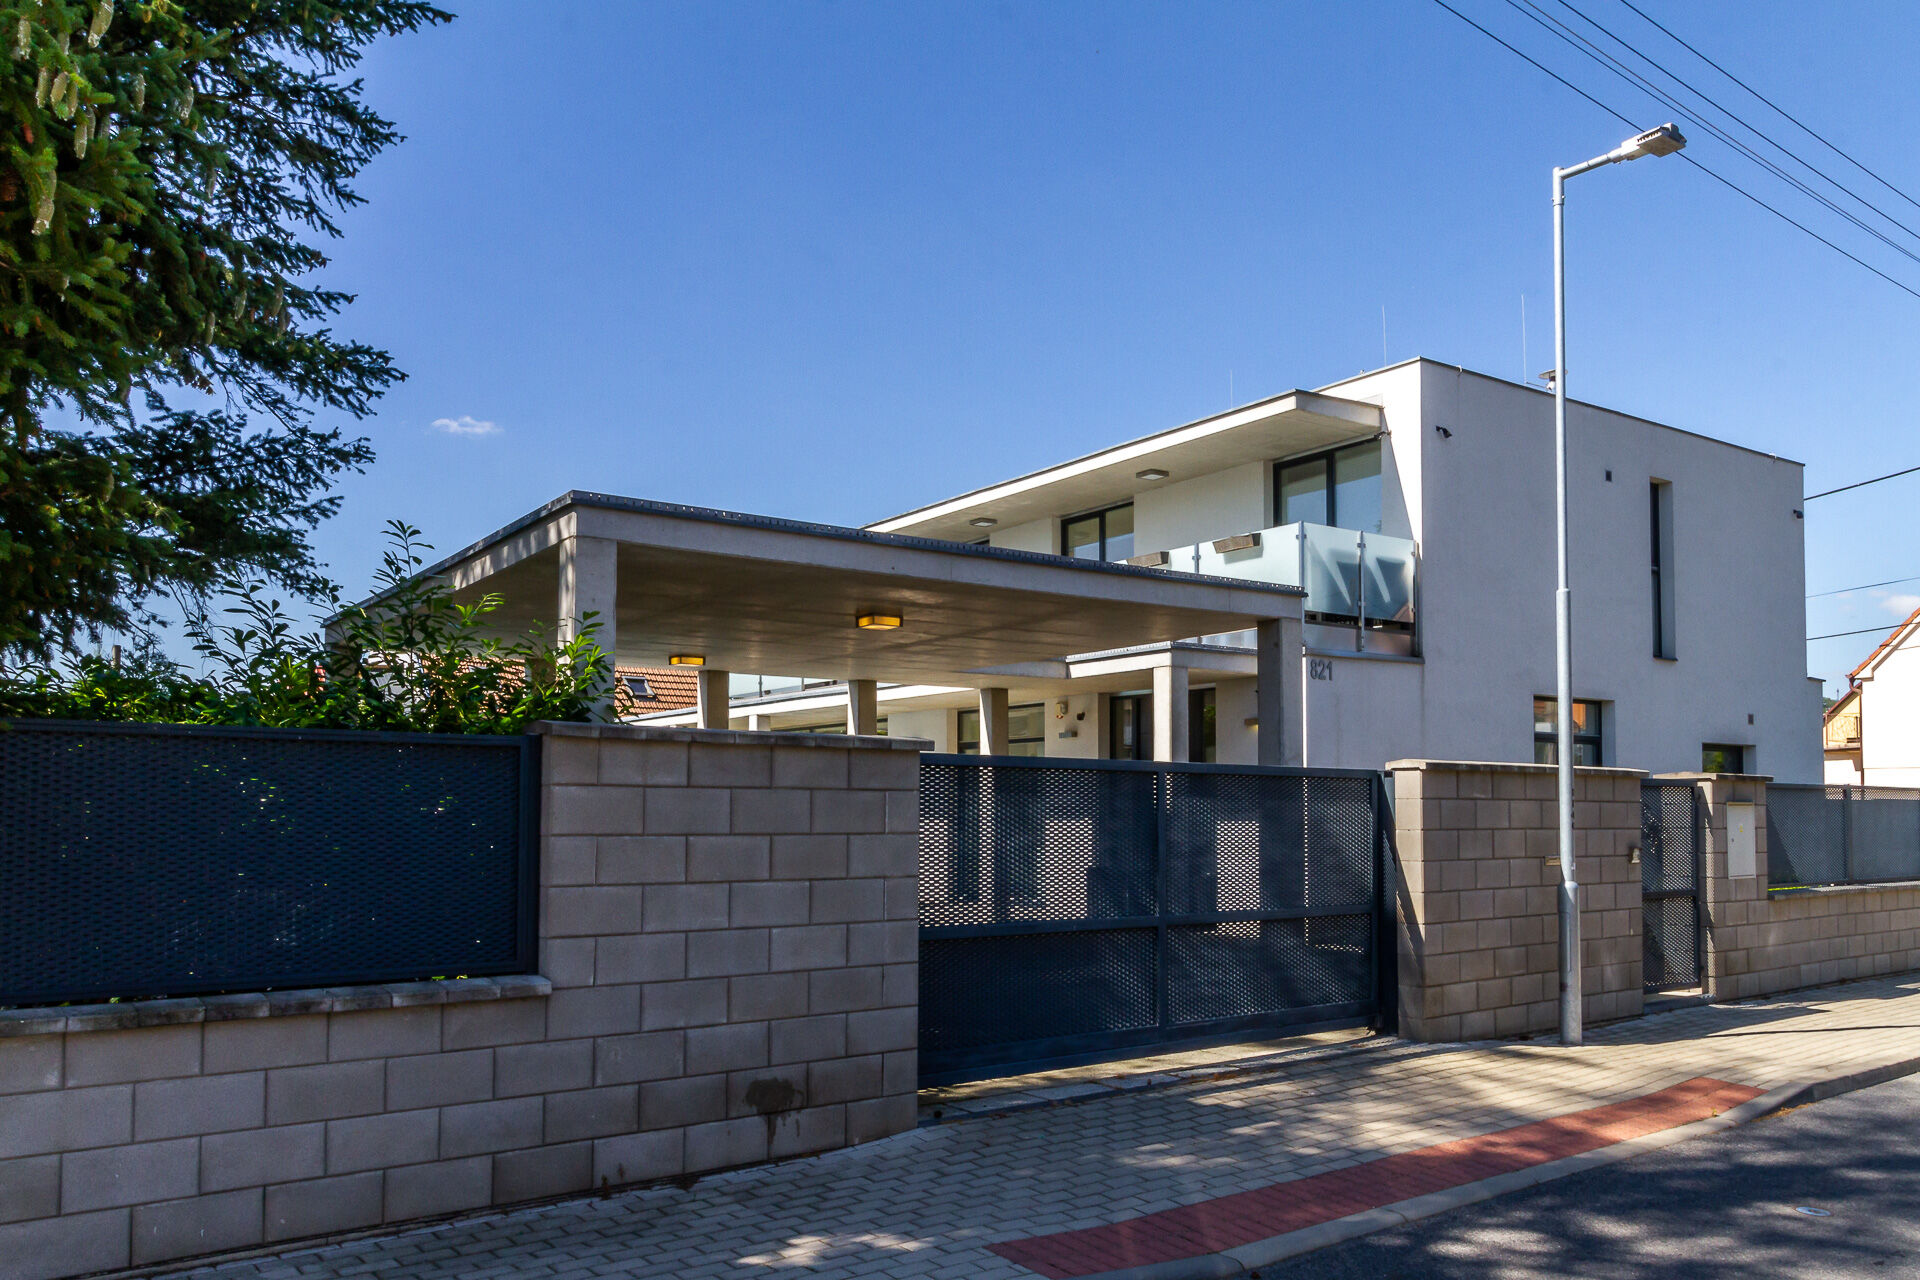 Prodej domu vosobním vlastnictví 212 m², Kralupy nad Vltavou